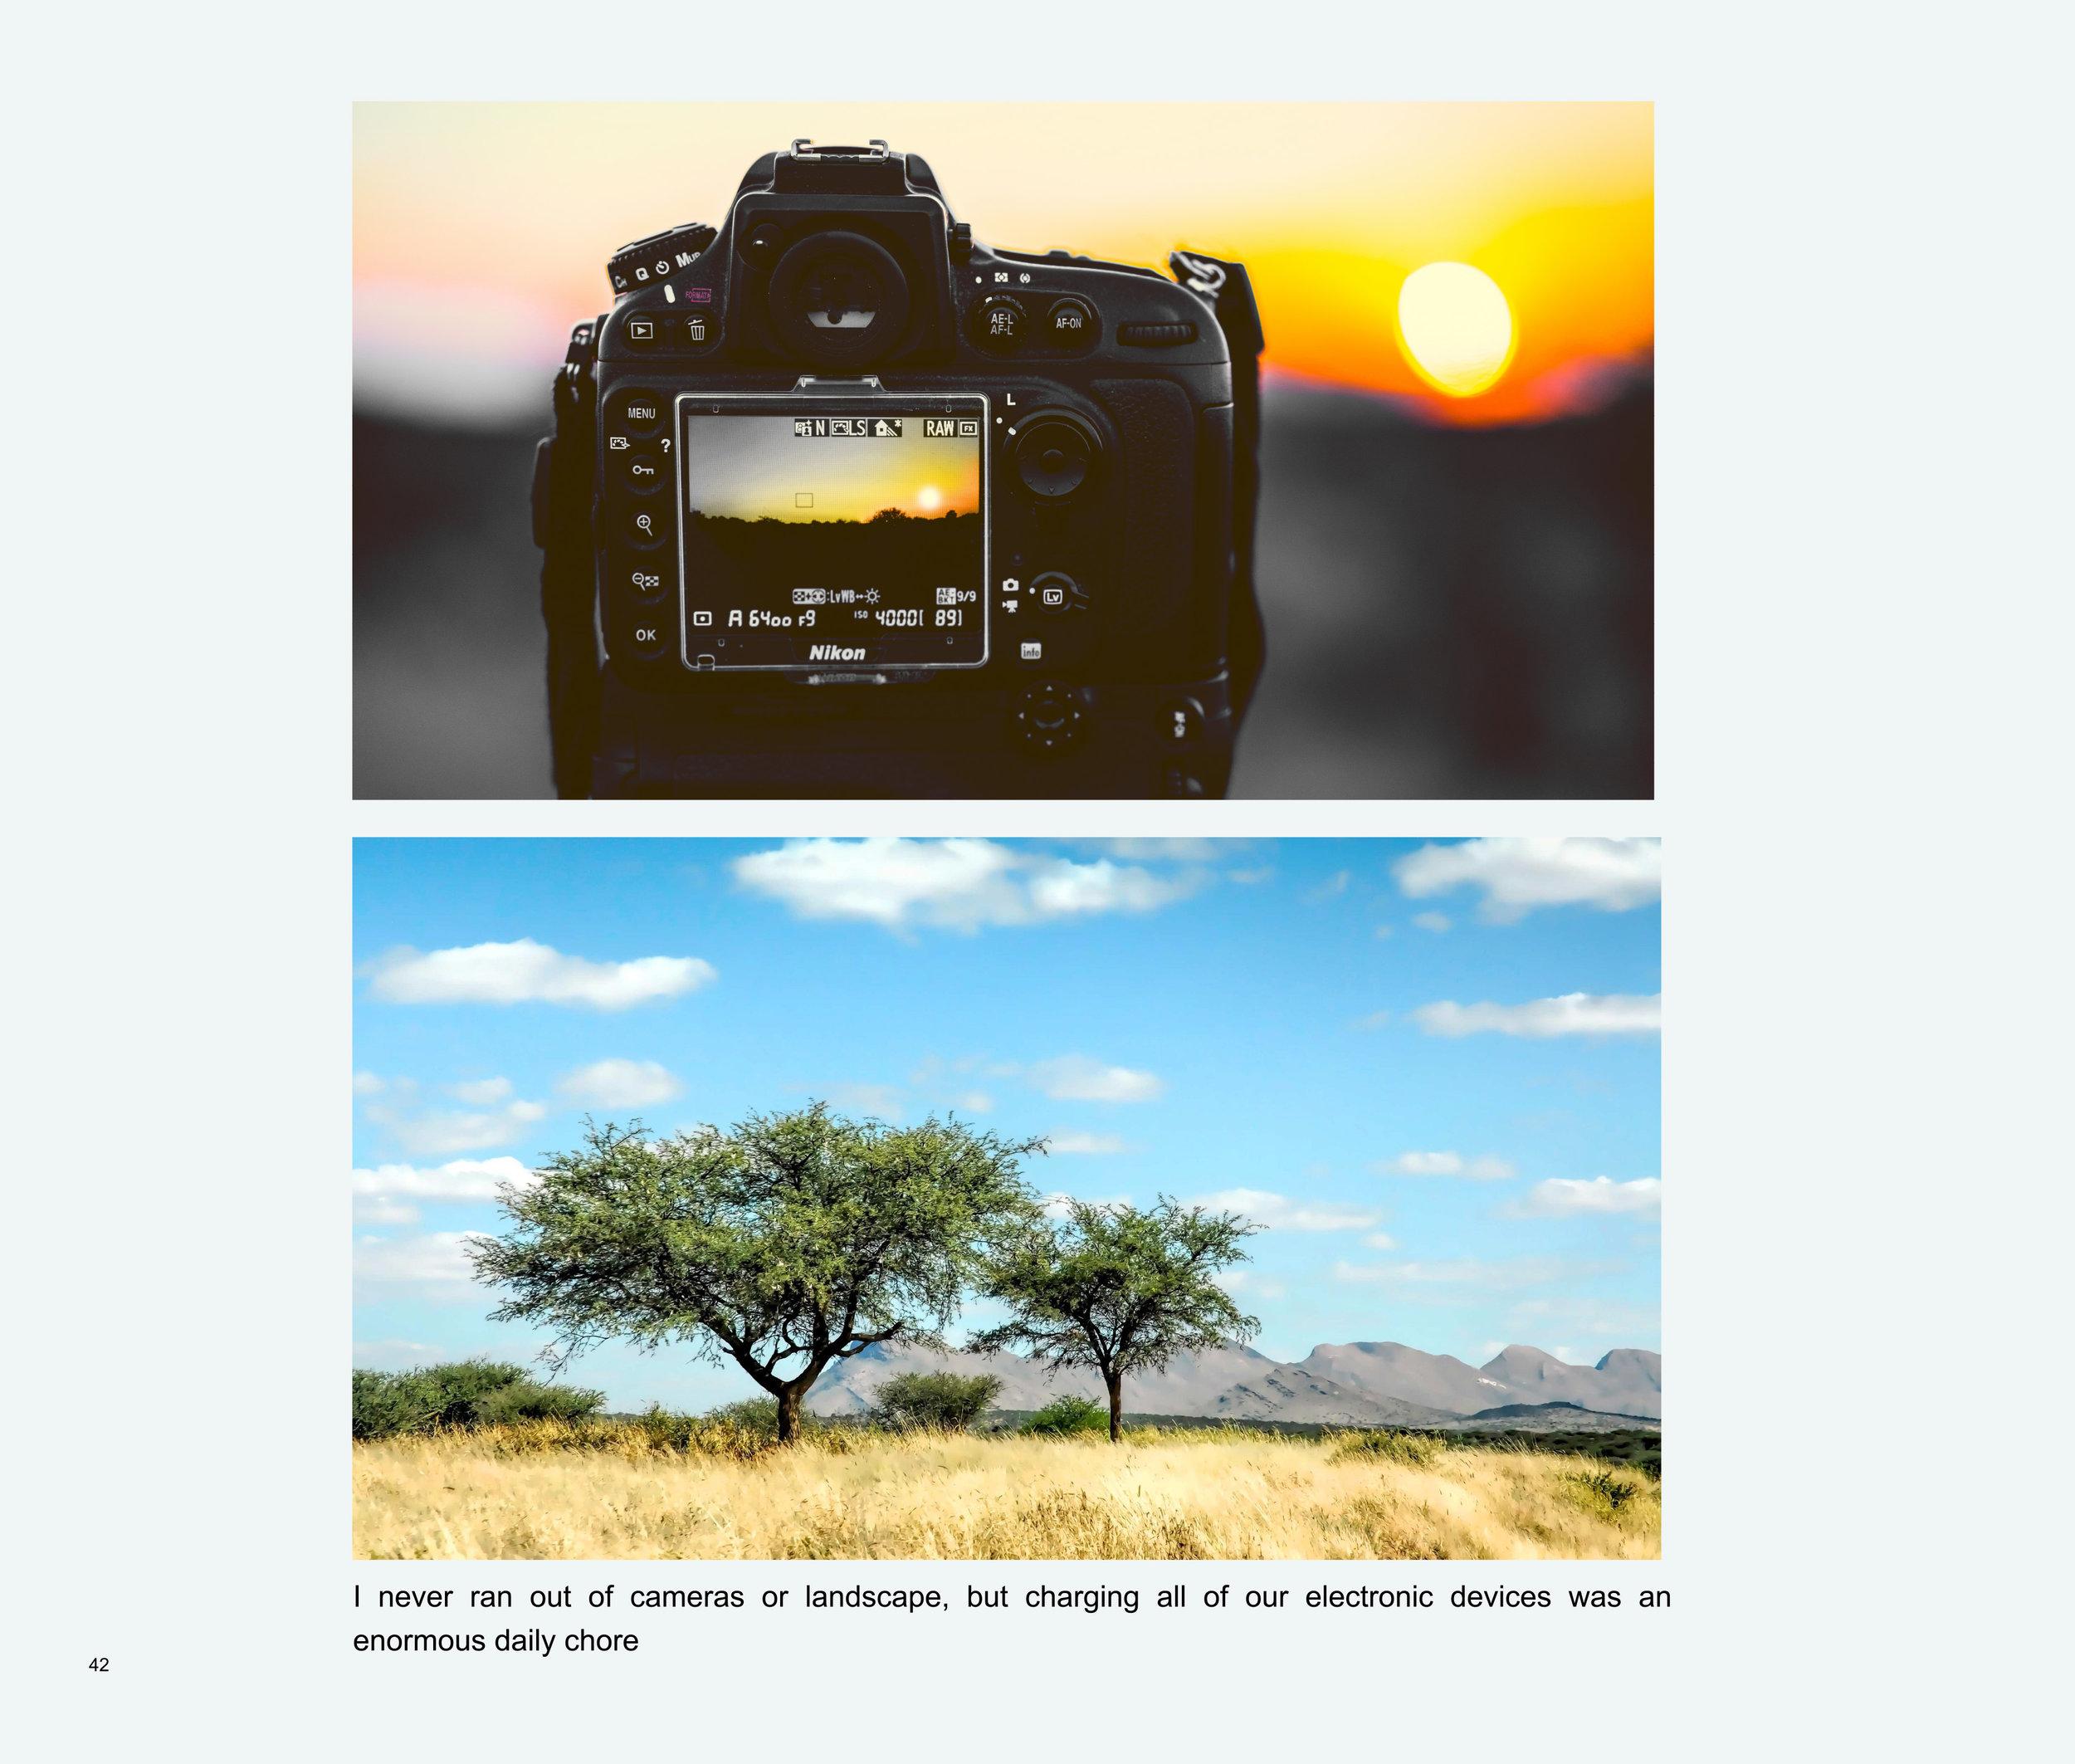 ImagesASouthernAfricaRoadTrip-44.jpg